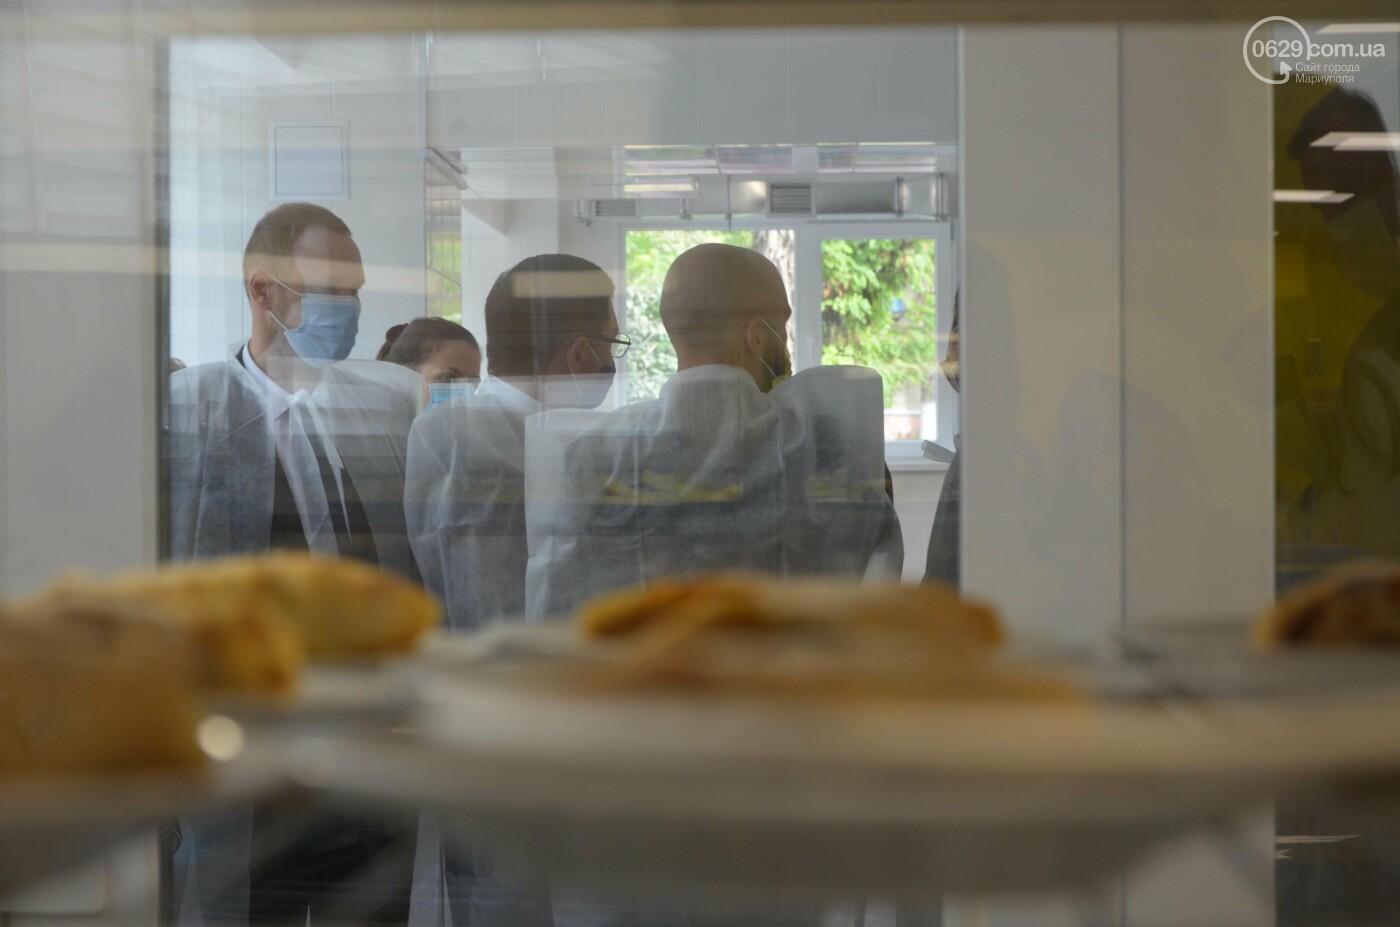 Министр образования пообедал в школьной столовой Мариуполя, - ФОТО, фото-3